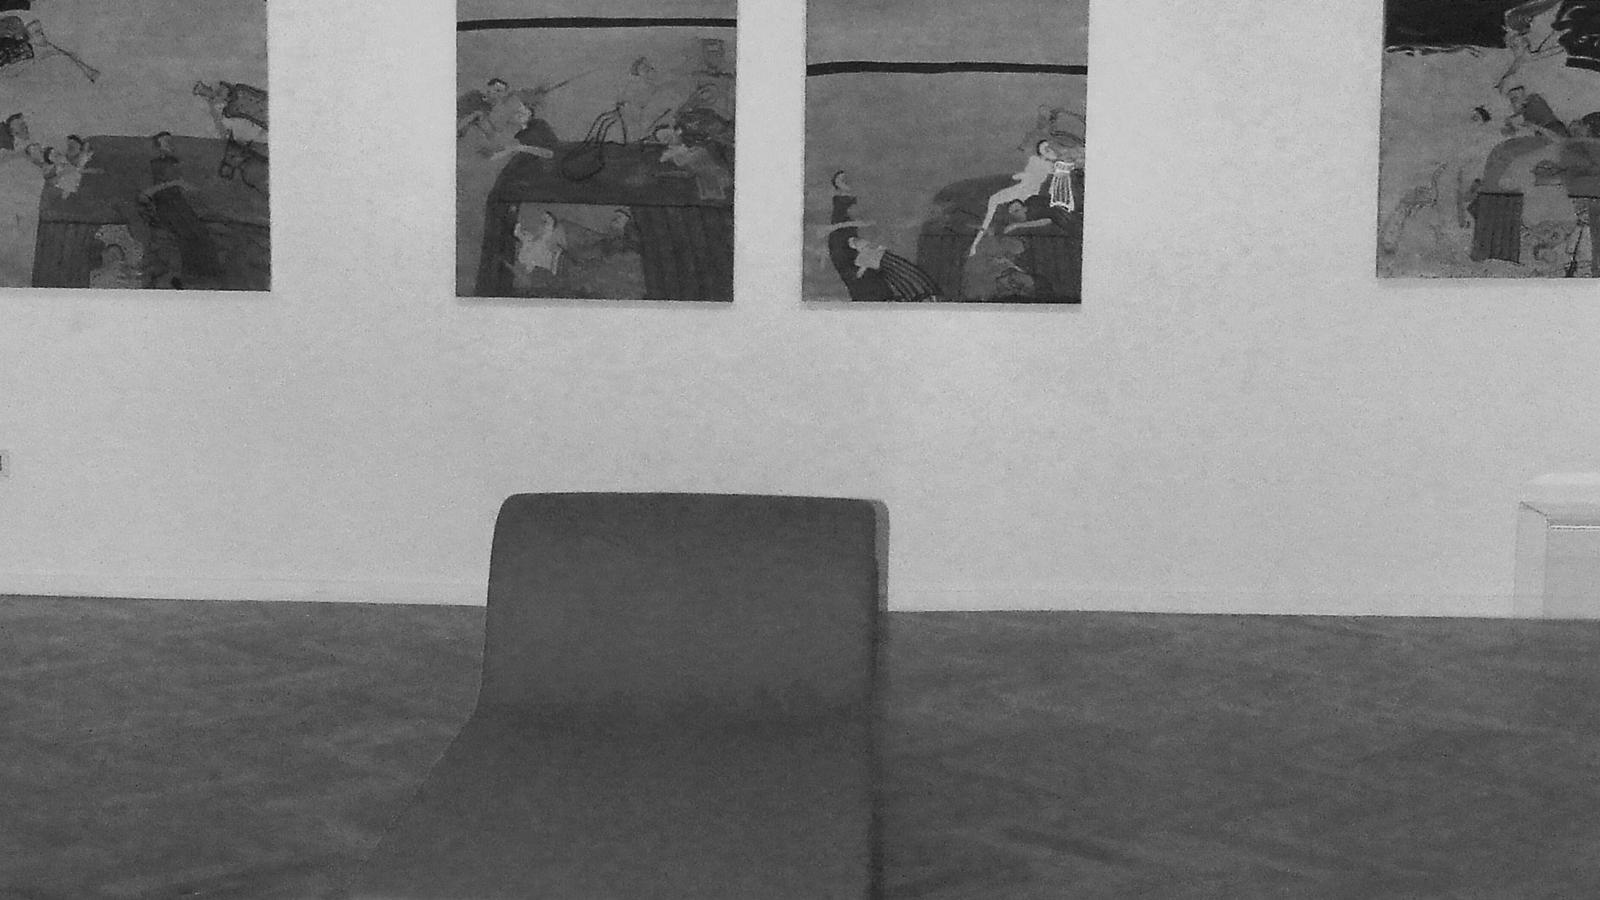 Levant după Levant, Pictură, Annar Gallery București 2015